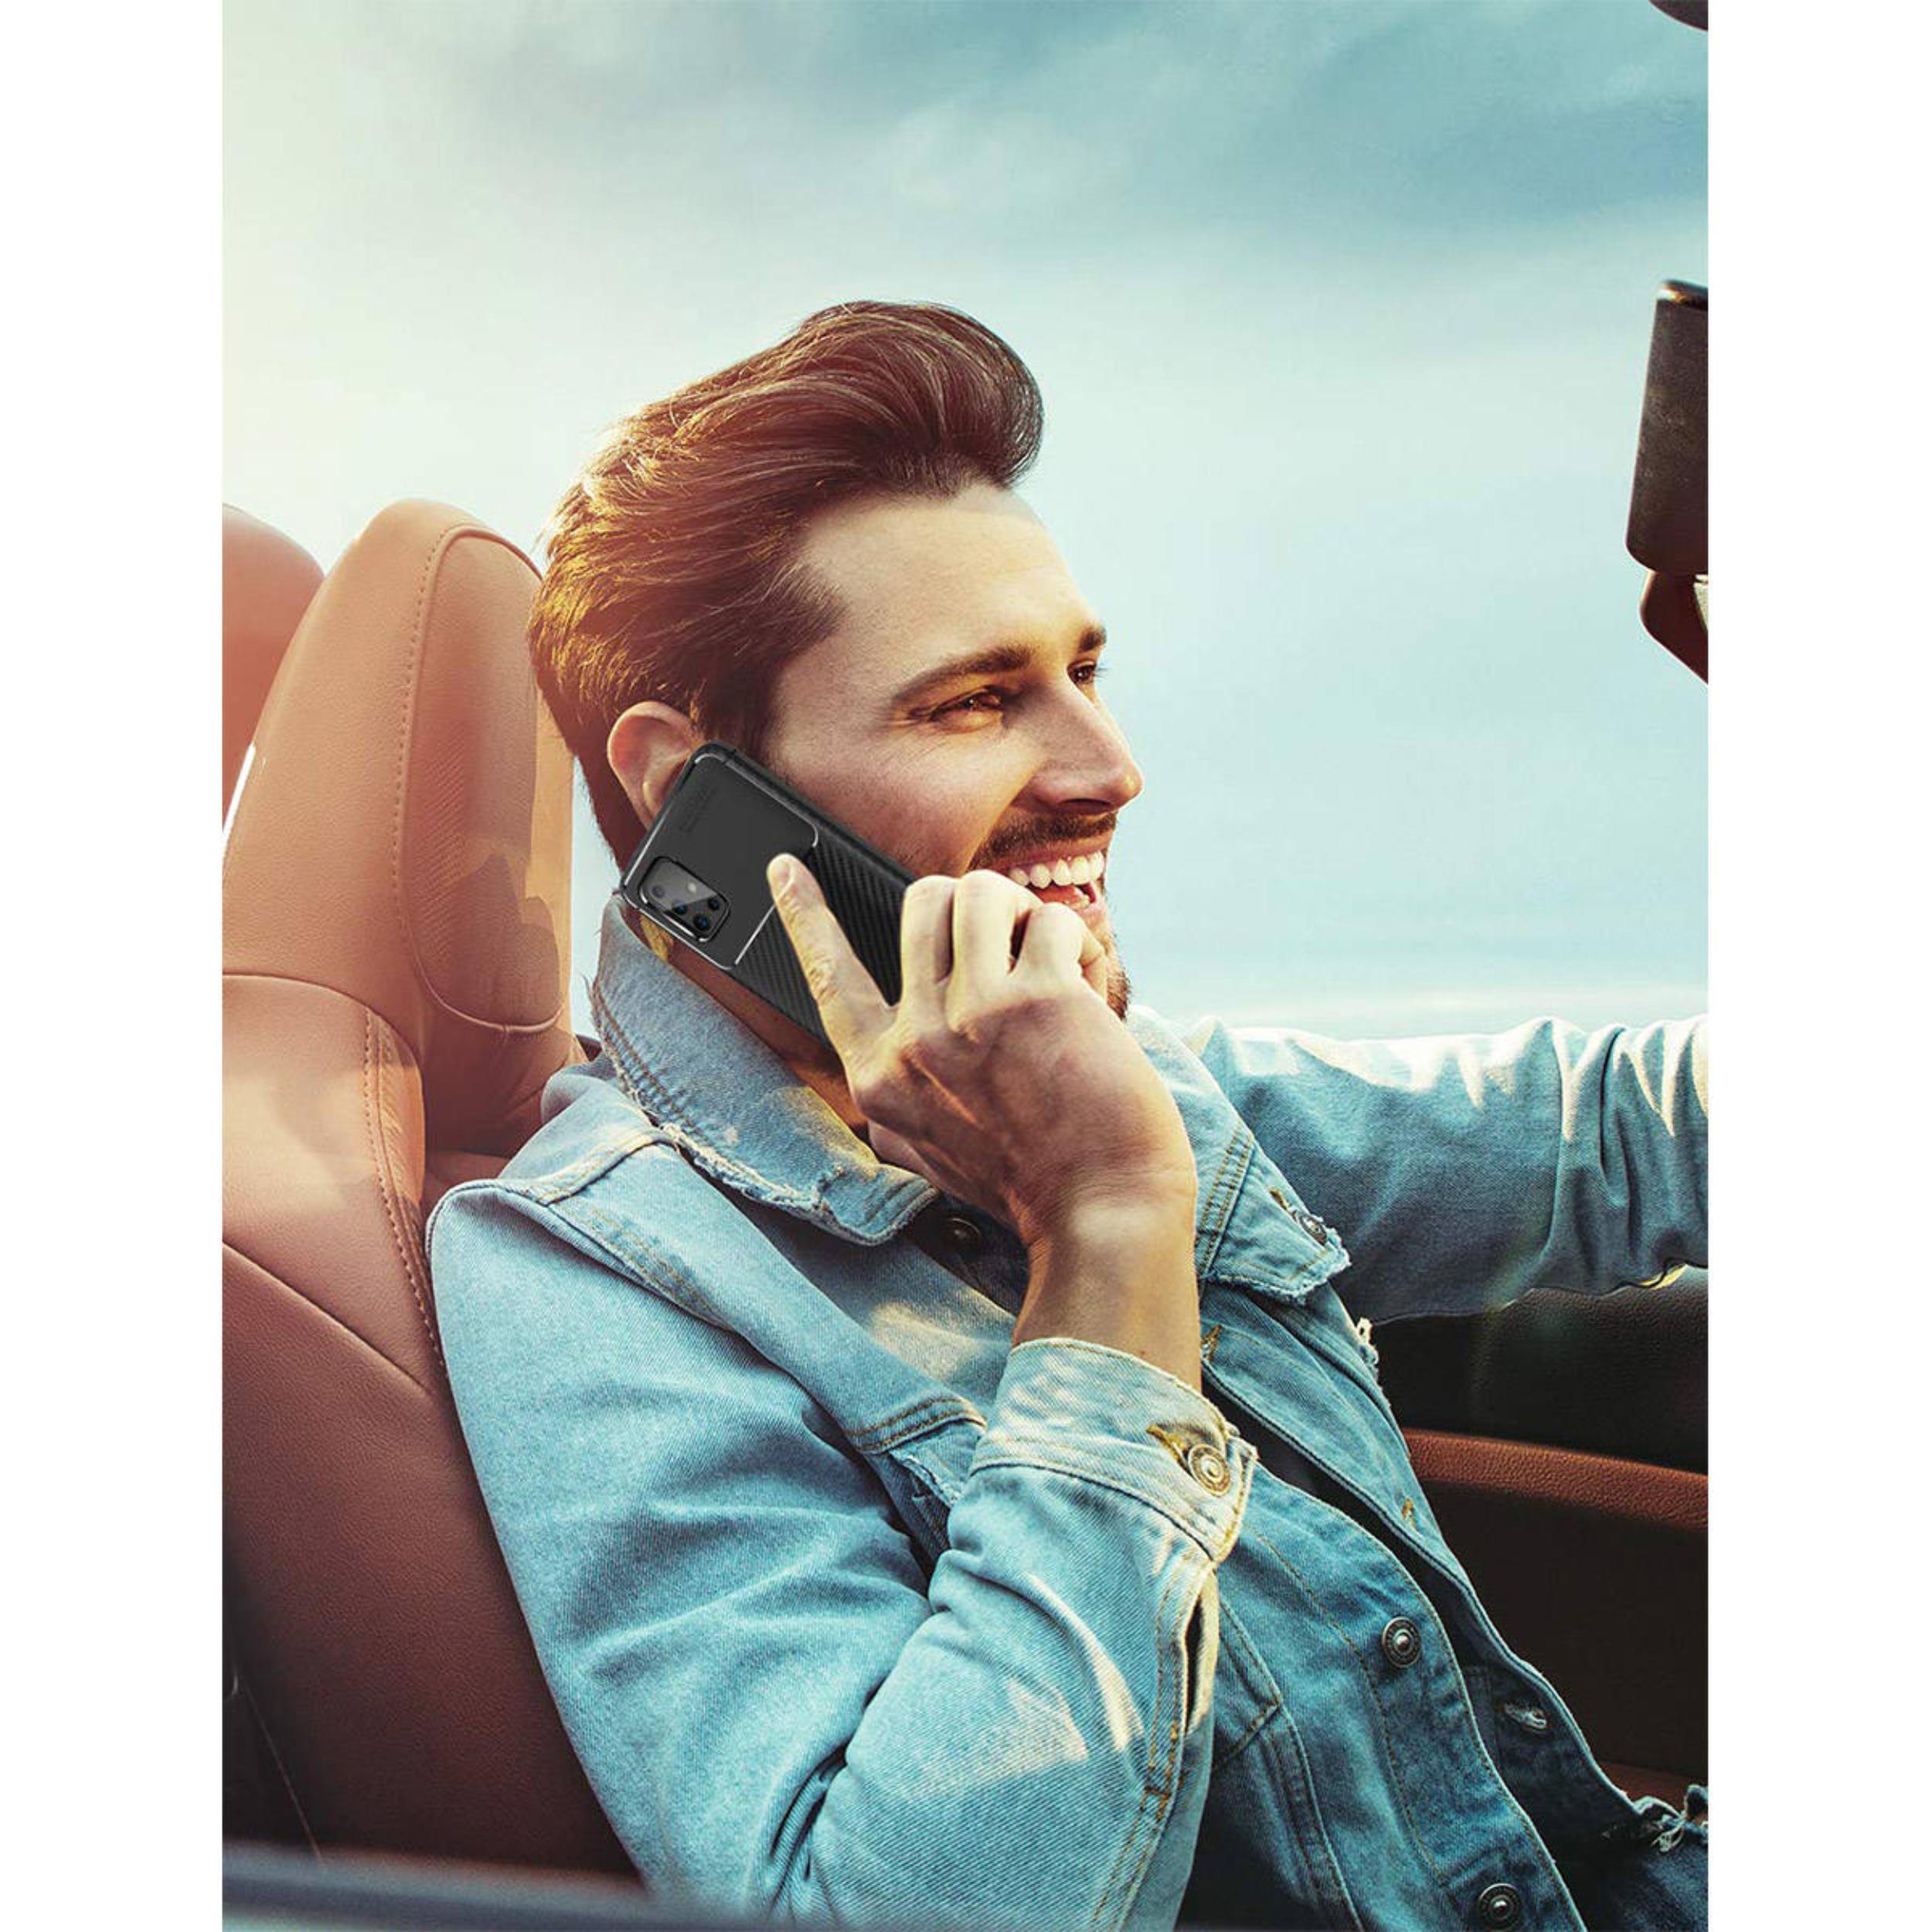 کاور لاین کینگ مدل A21 مناسب برای گوشی موبایل سامسونگ Galaxy A71 thumb 2 15